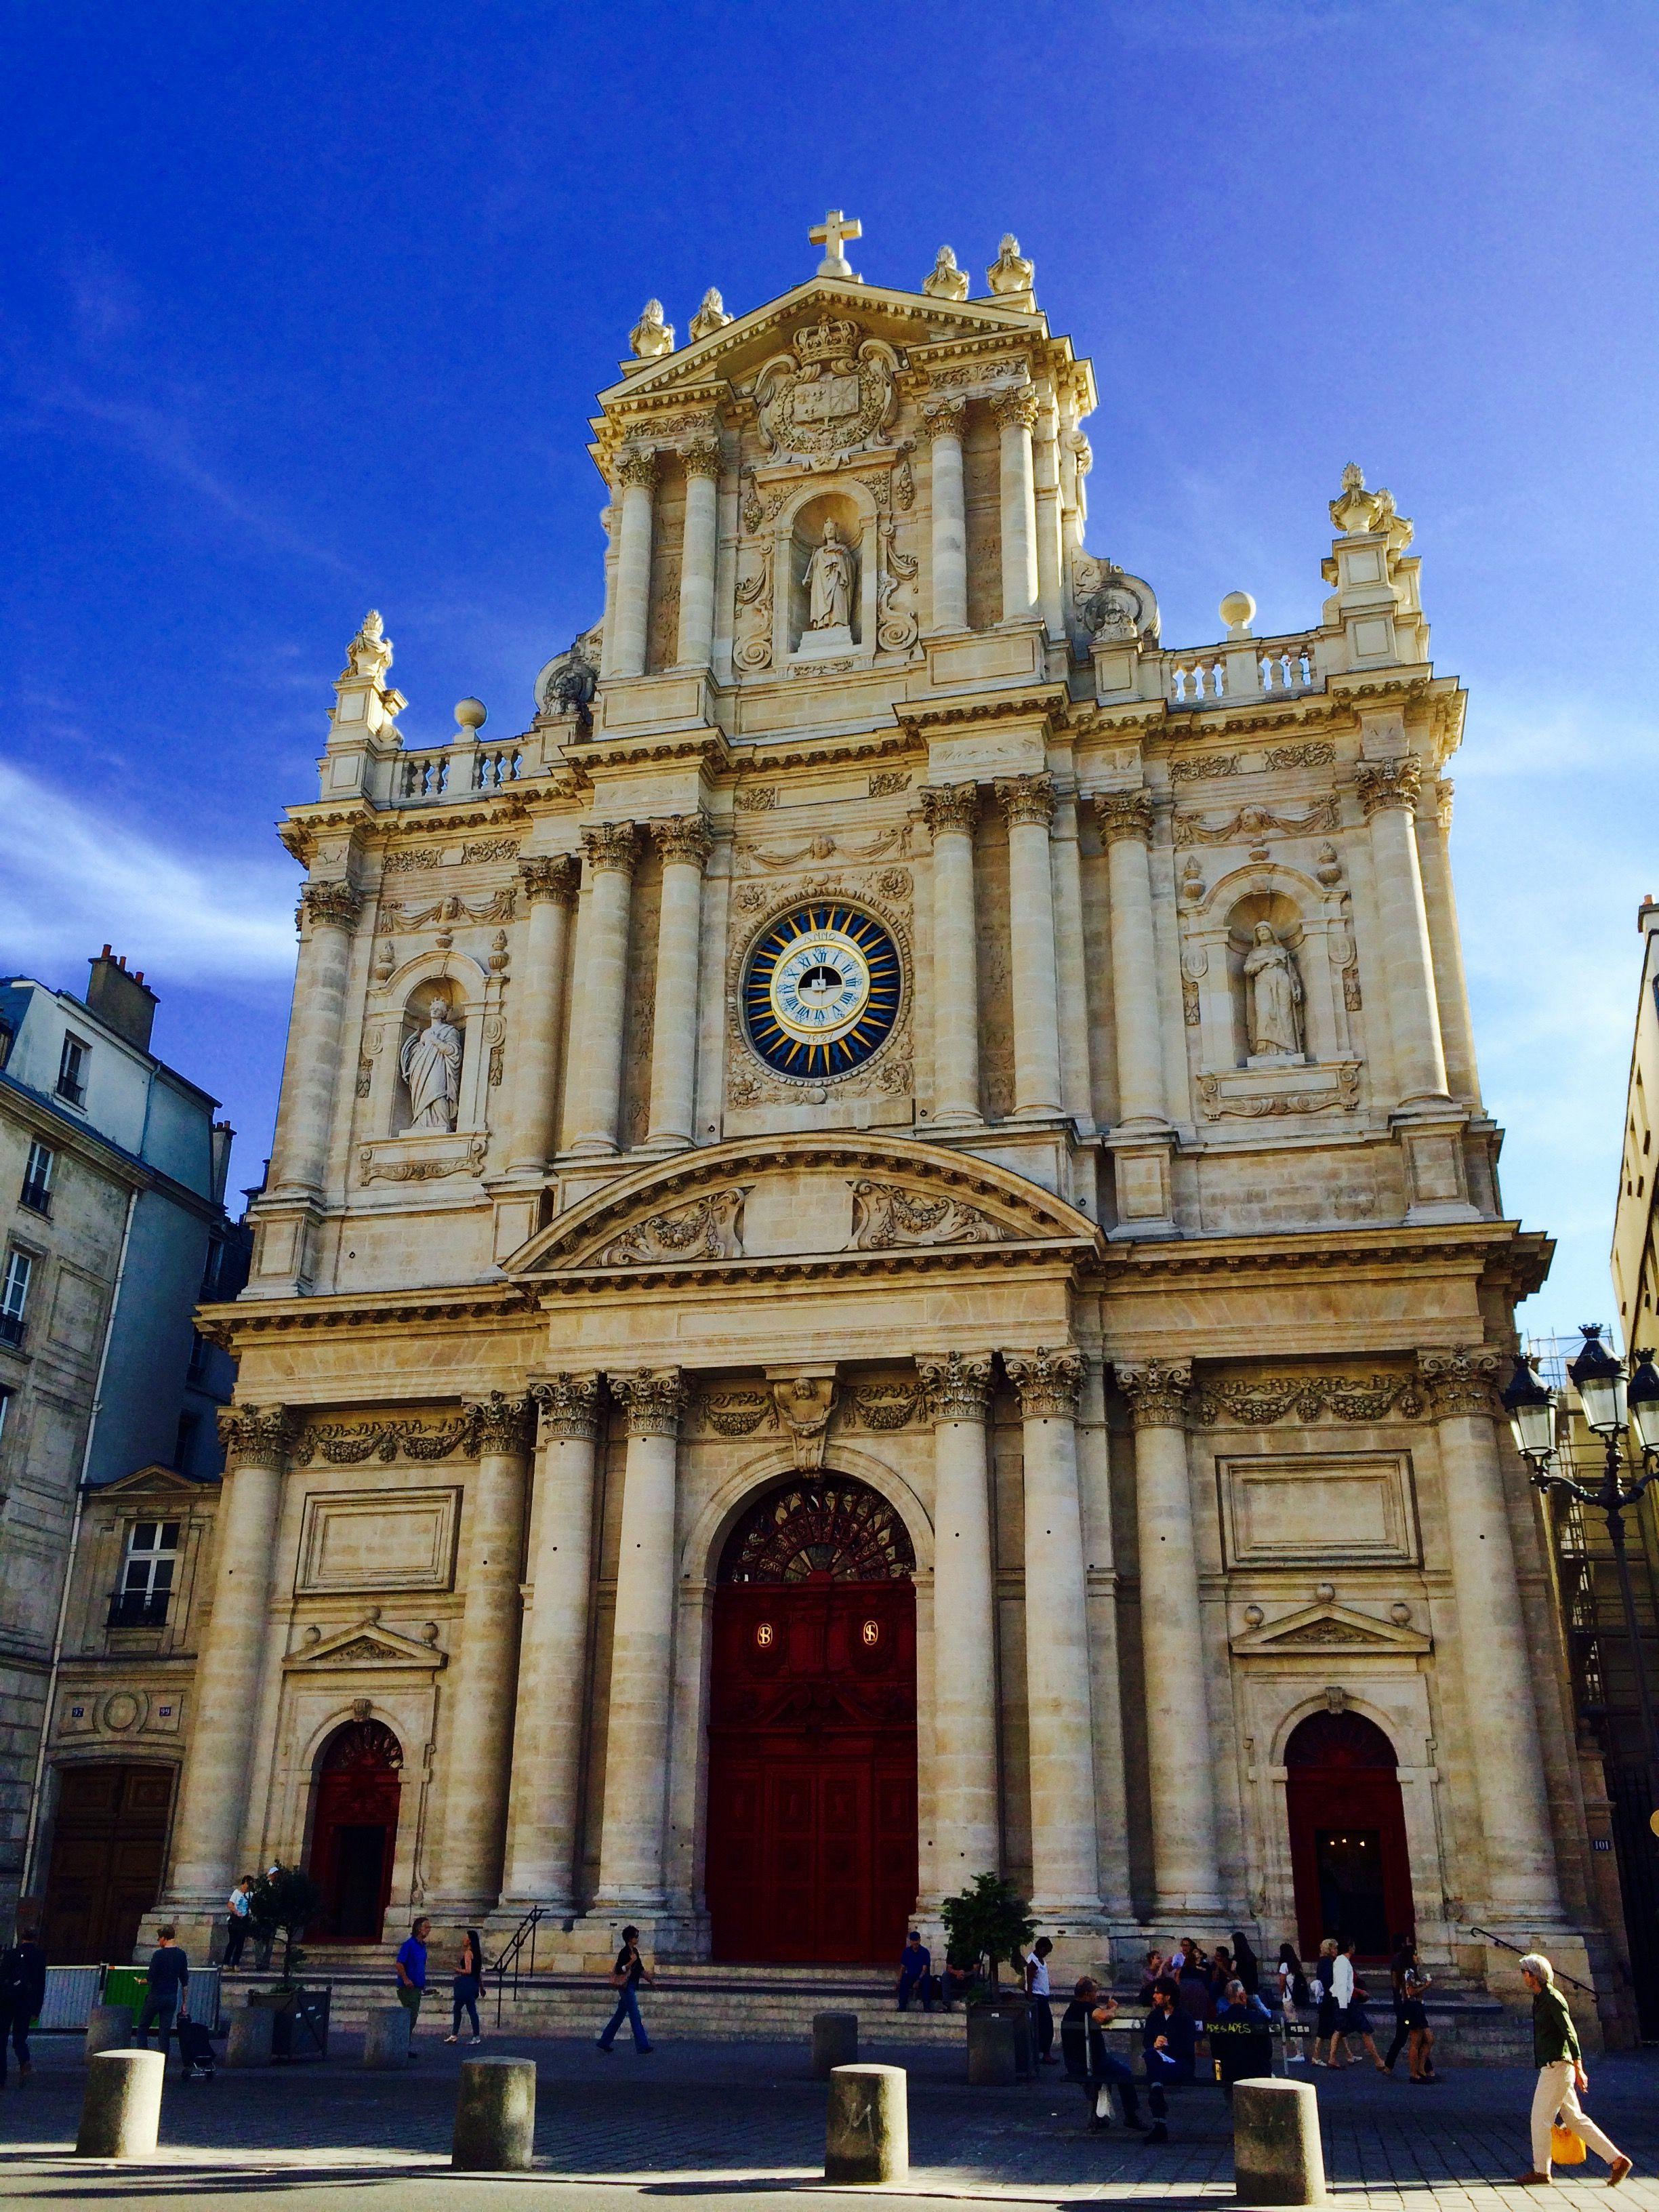 Église saint paul saint louis 4th arrondissement paris france